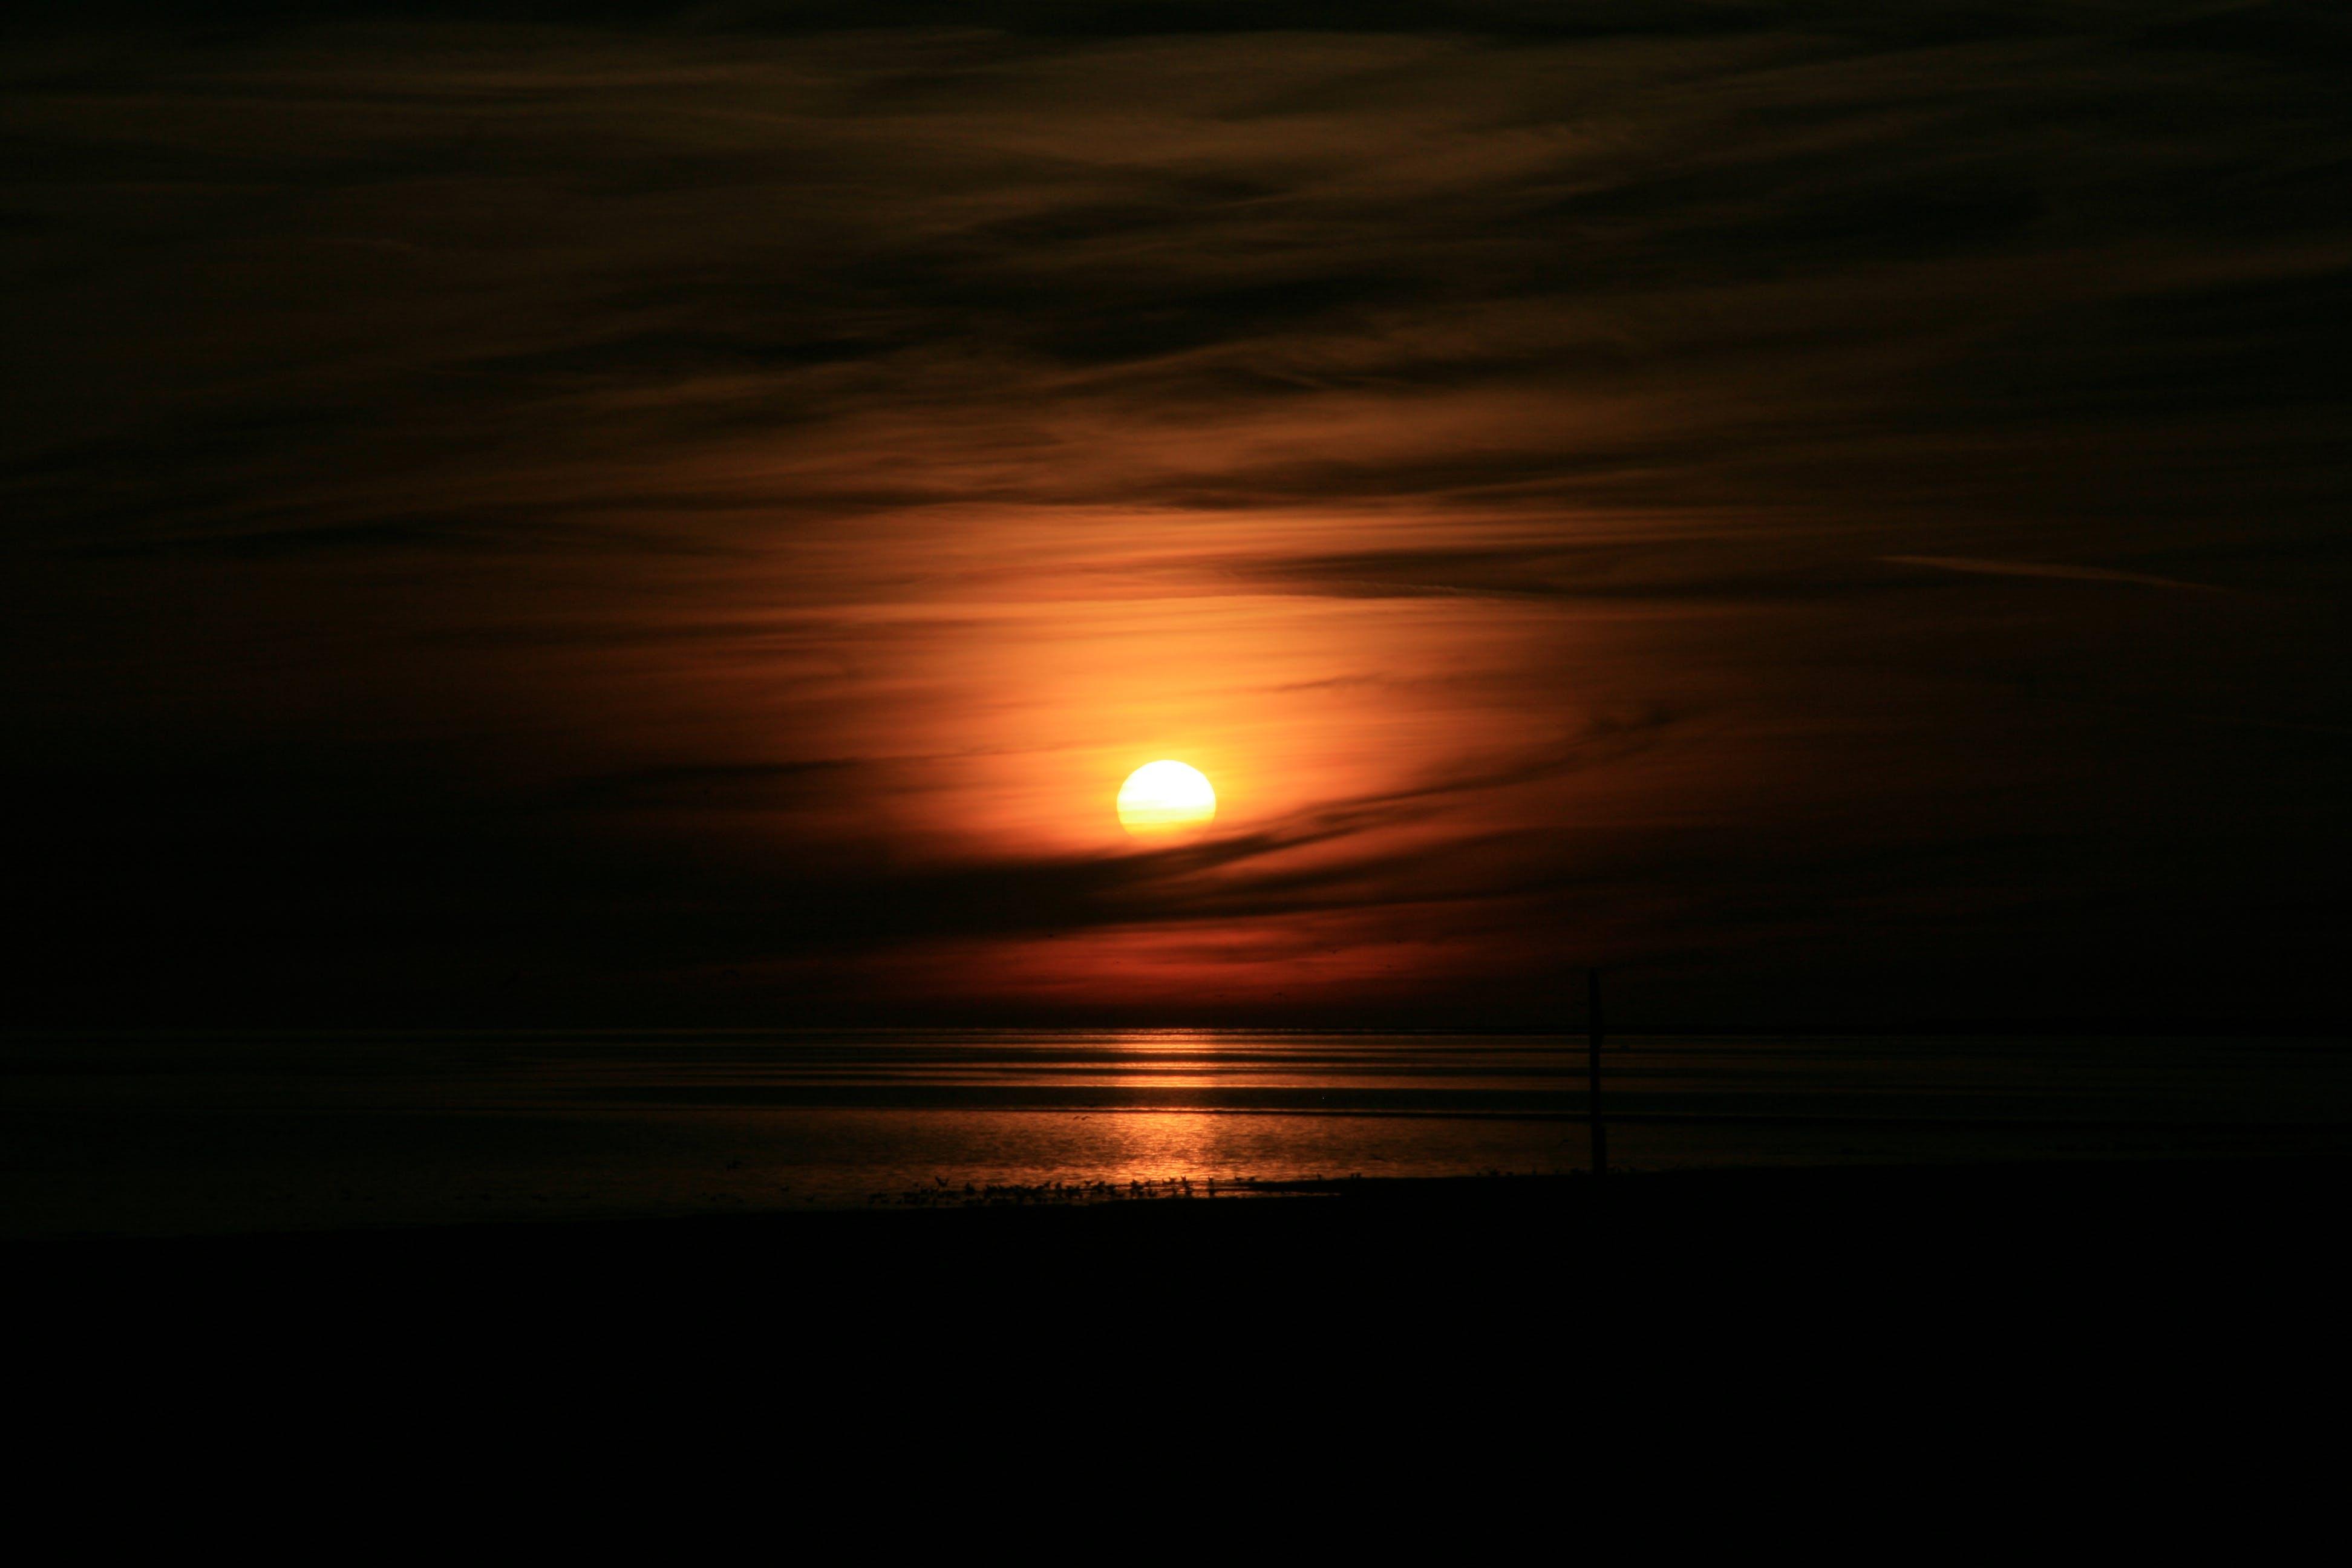 Free stock photo of sea, sun, sunset